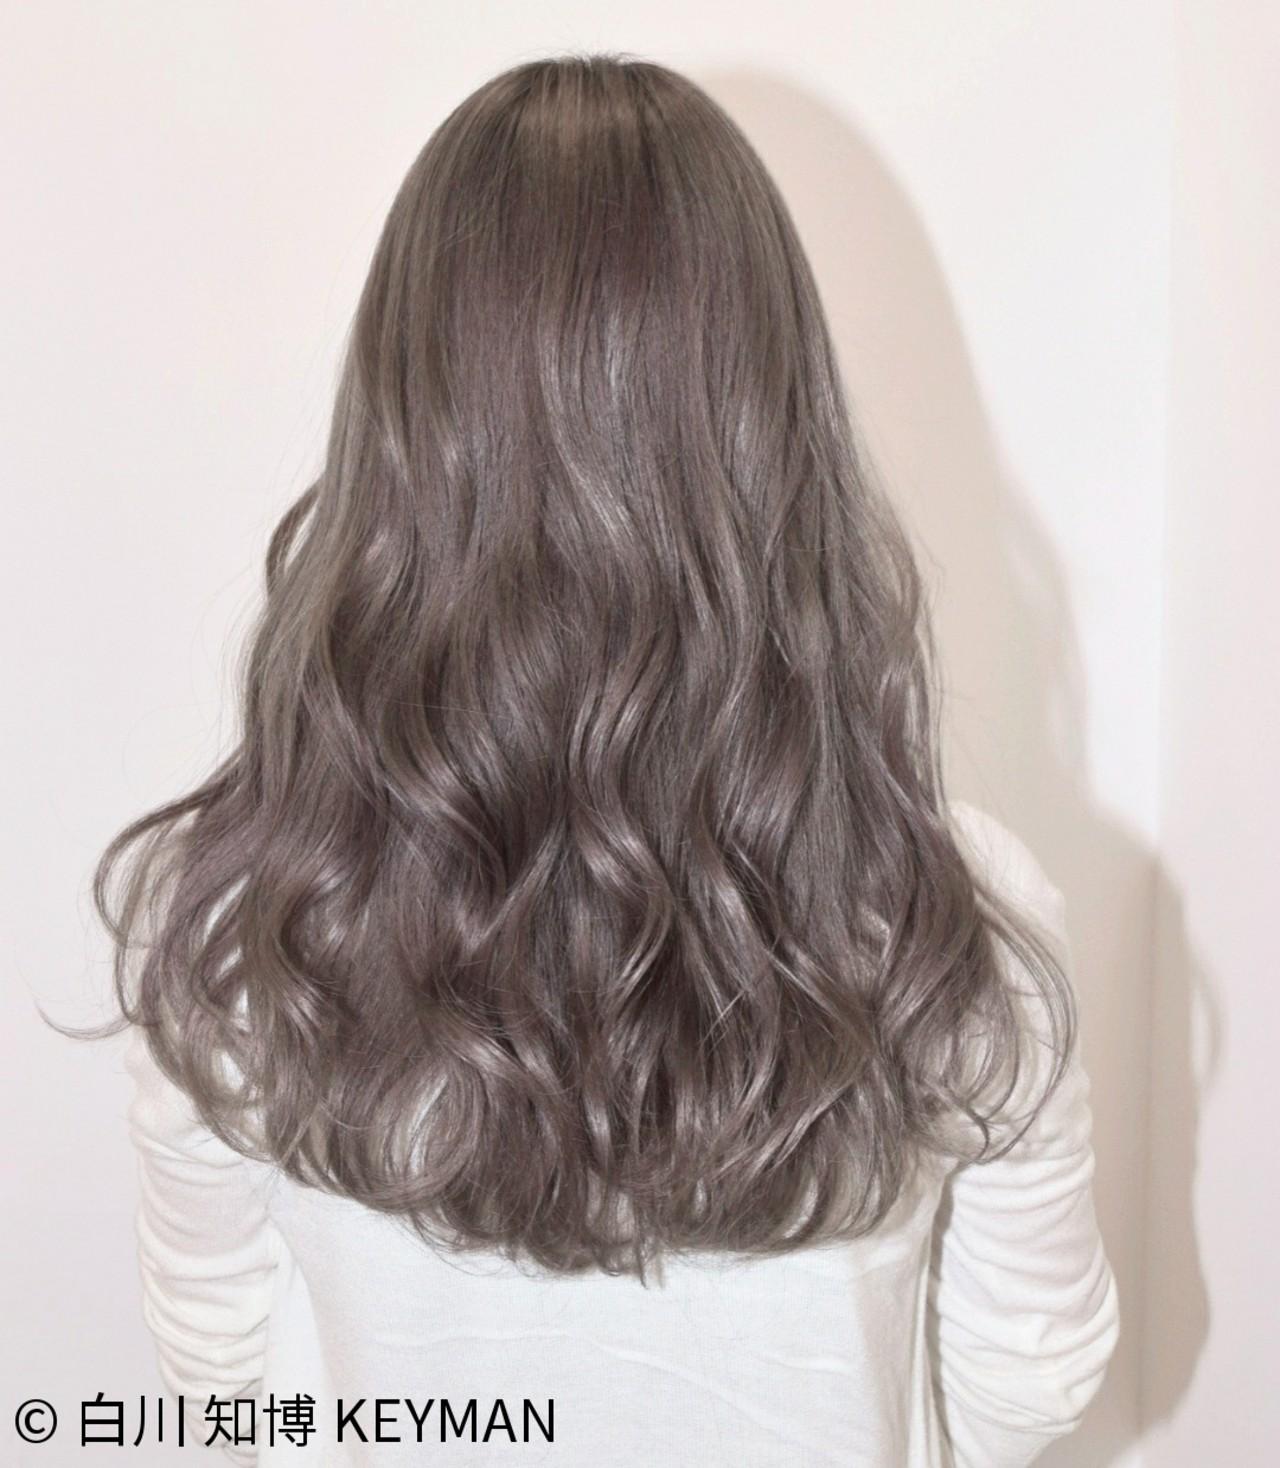 ストリート 秋 セミロング ウェーブ ヘアスタイルや髪型の写真・画像